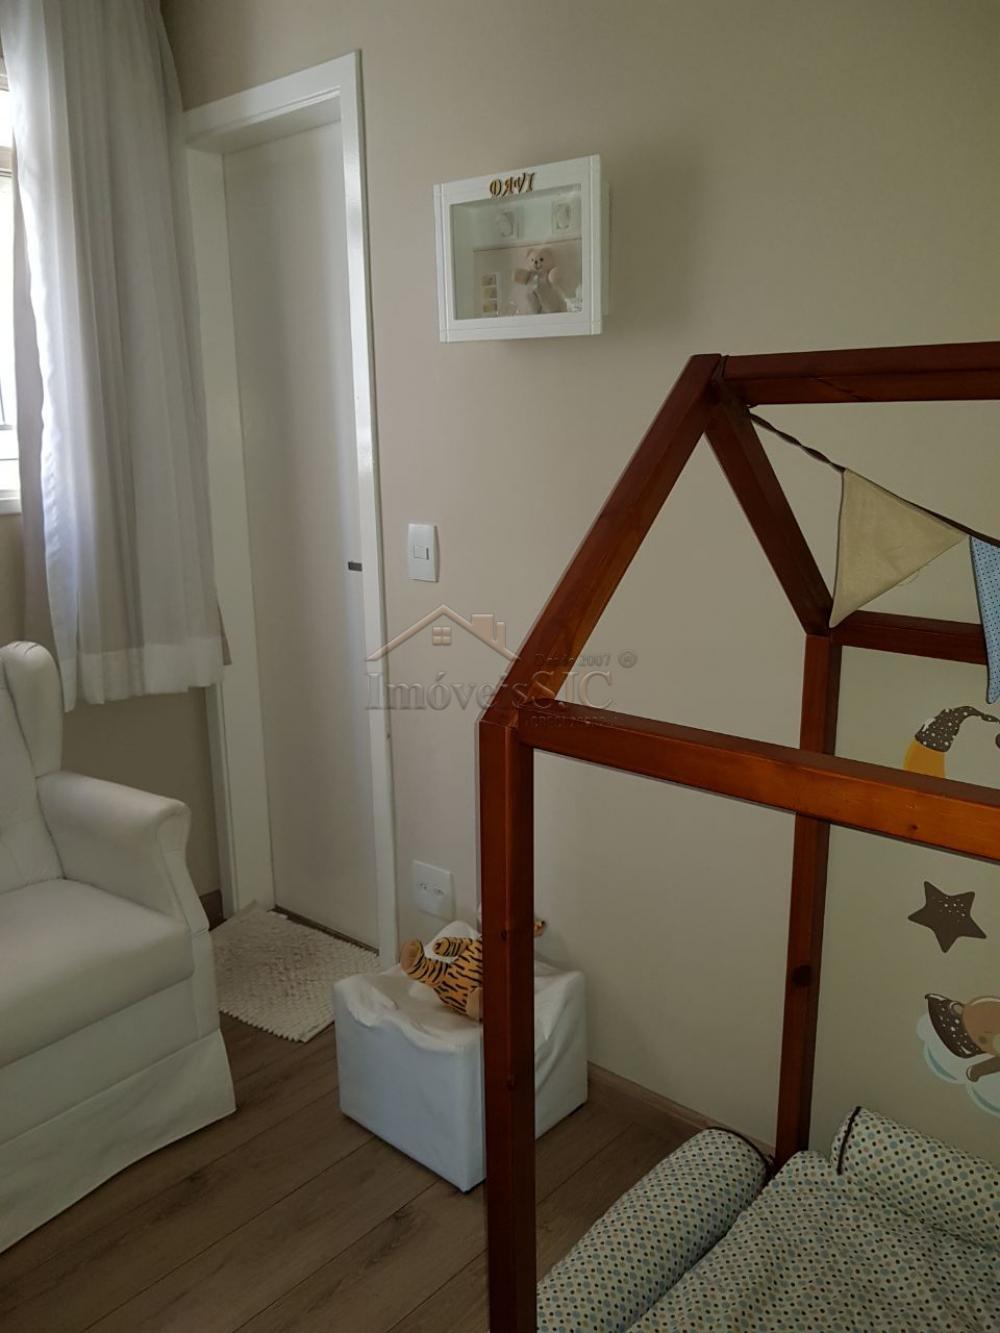 Comprar Apartamentos / Padrão em São José dos Campos apenas R$ 1.450.000,00 - Foto 10